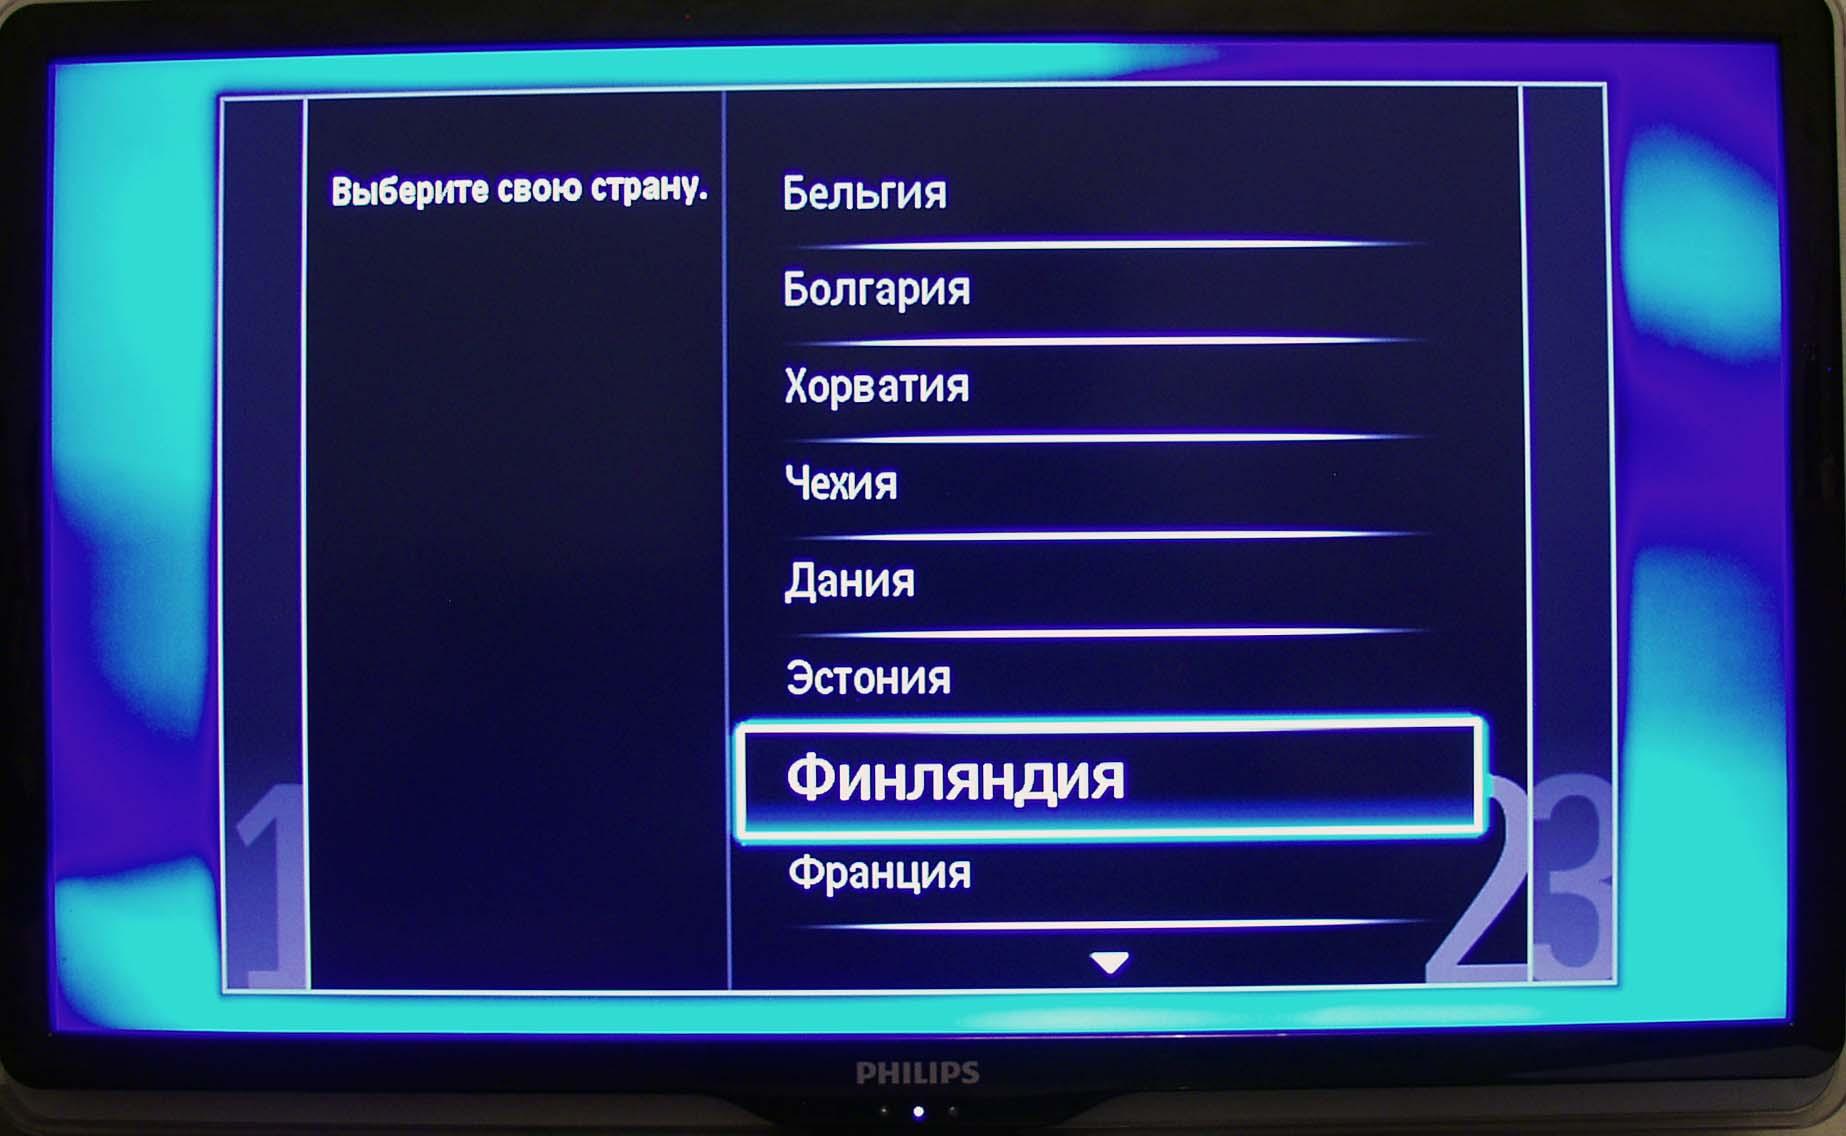 не показывает картинка на телевизоре филипс можно